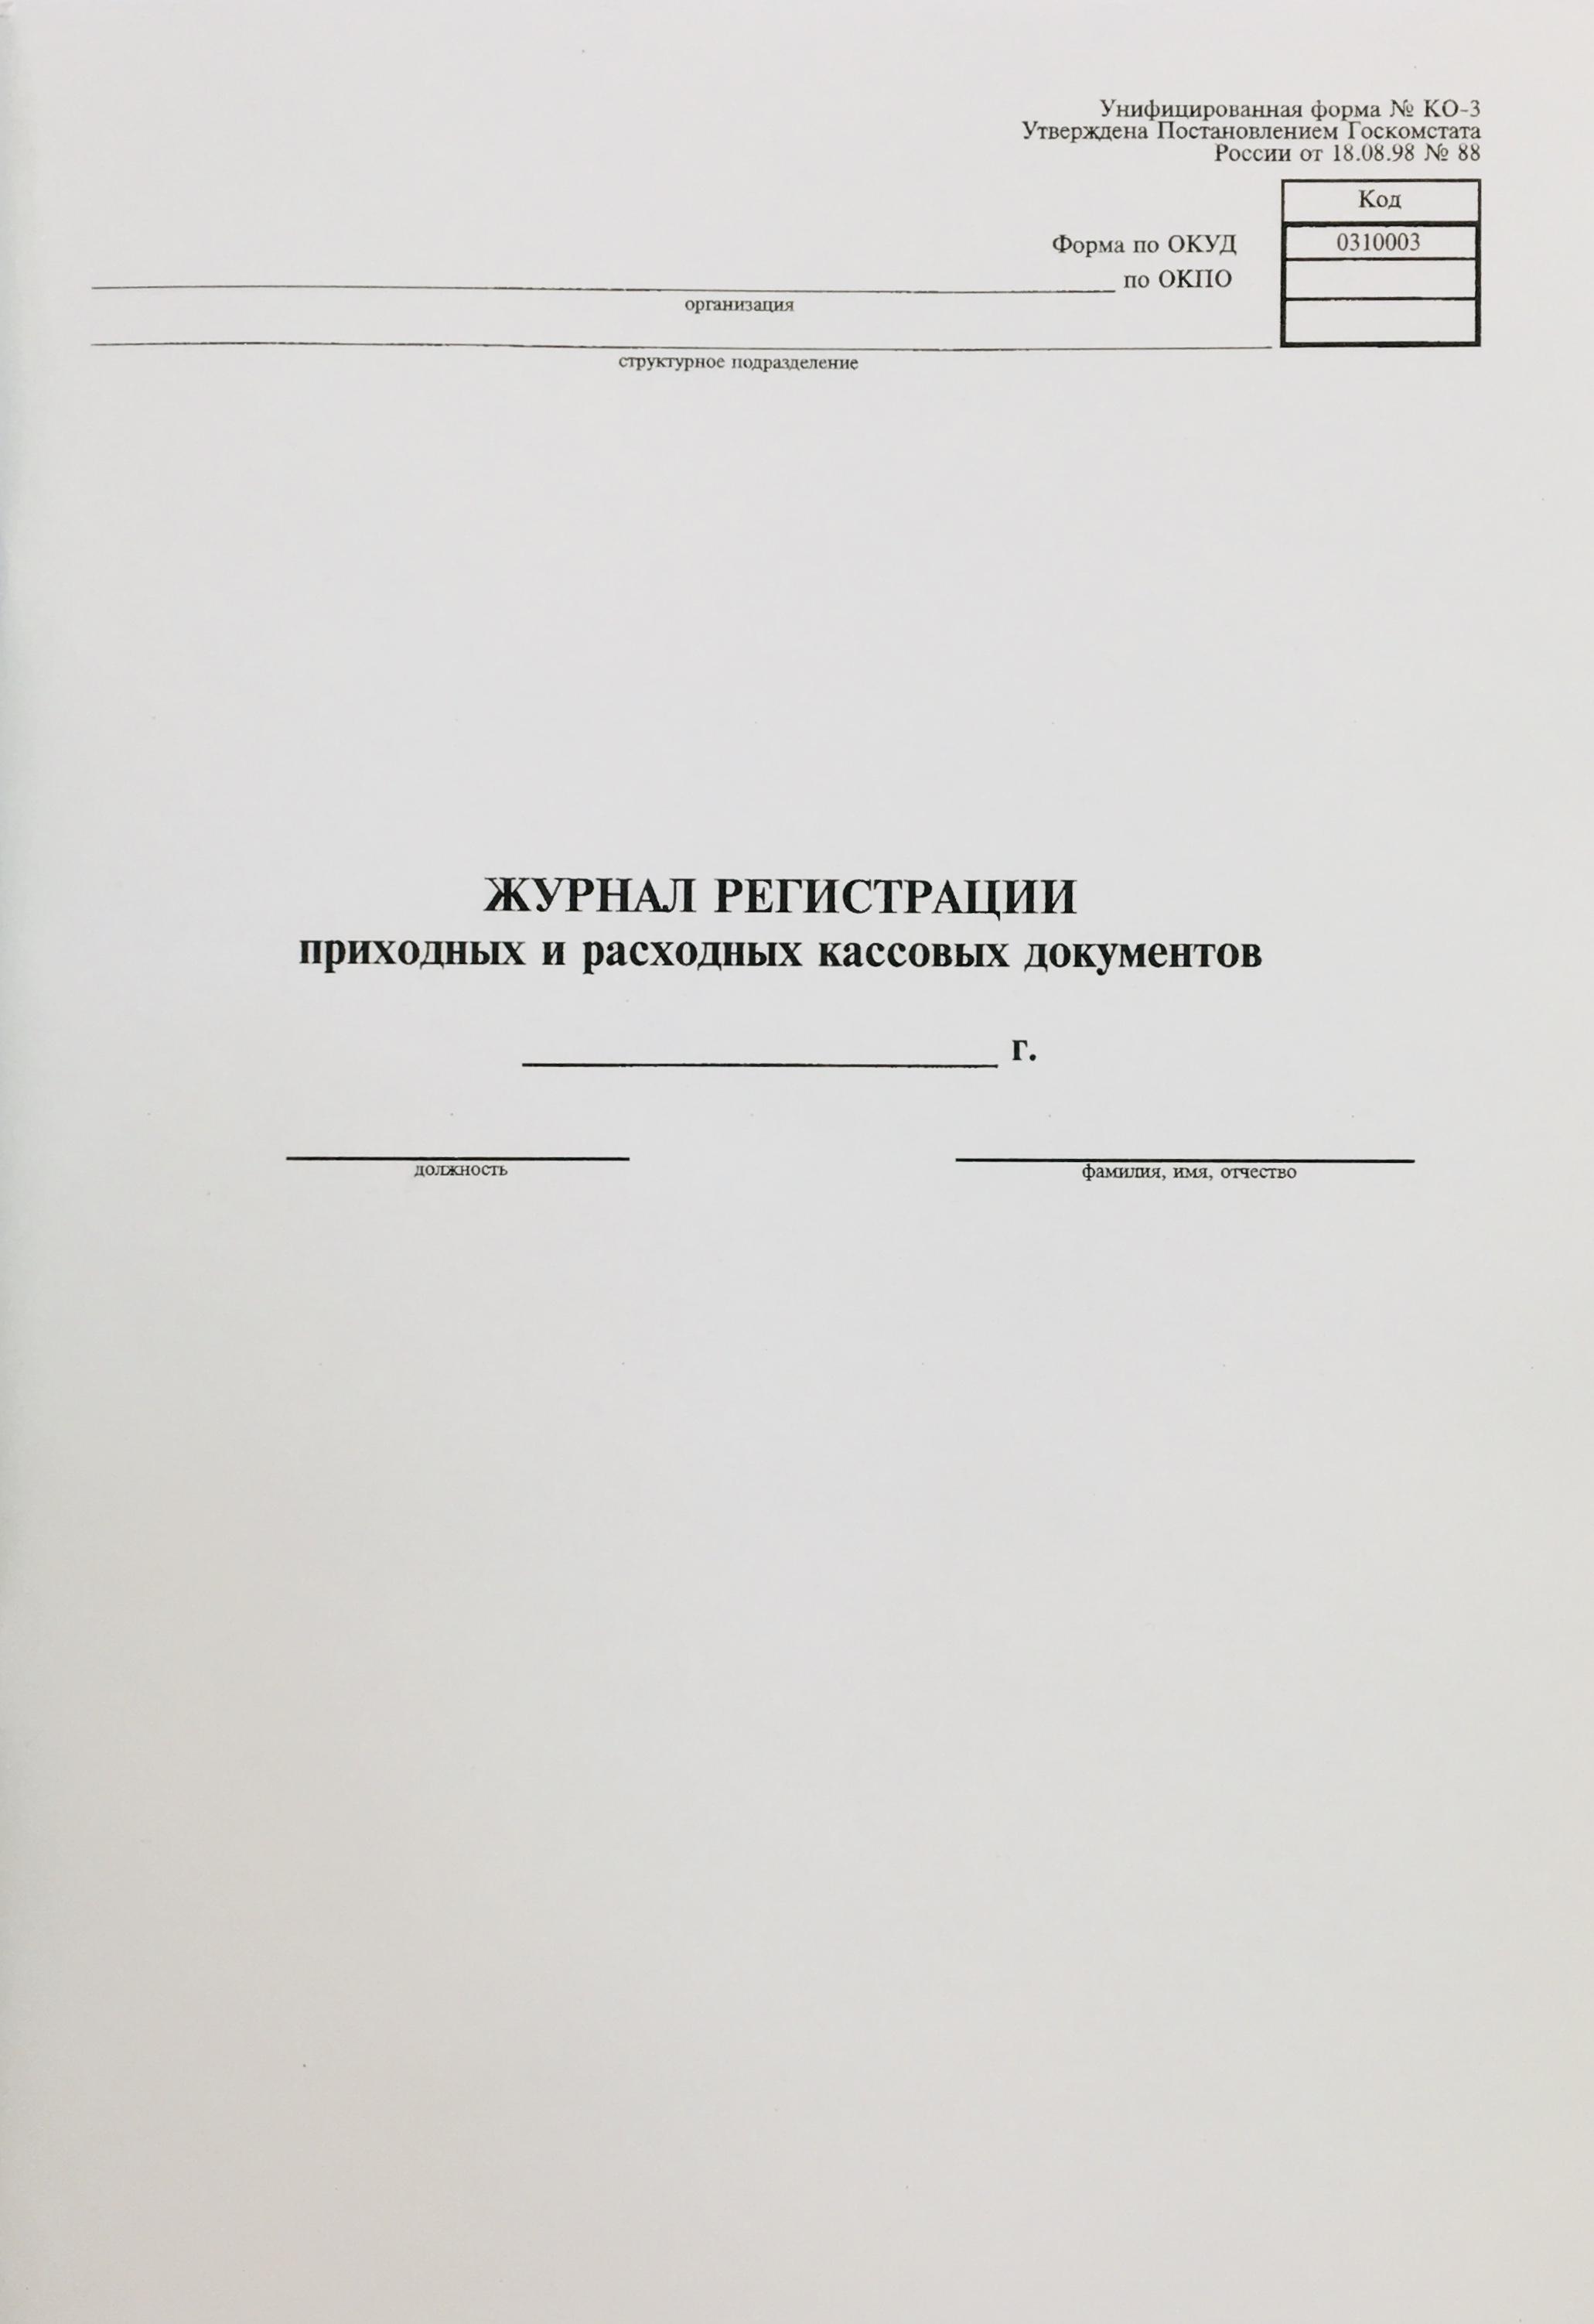 Книга регистрации приходных/расходных кассовых документов